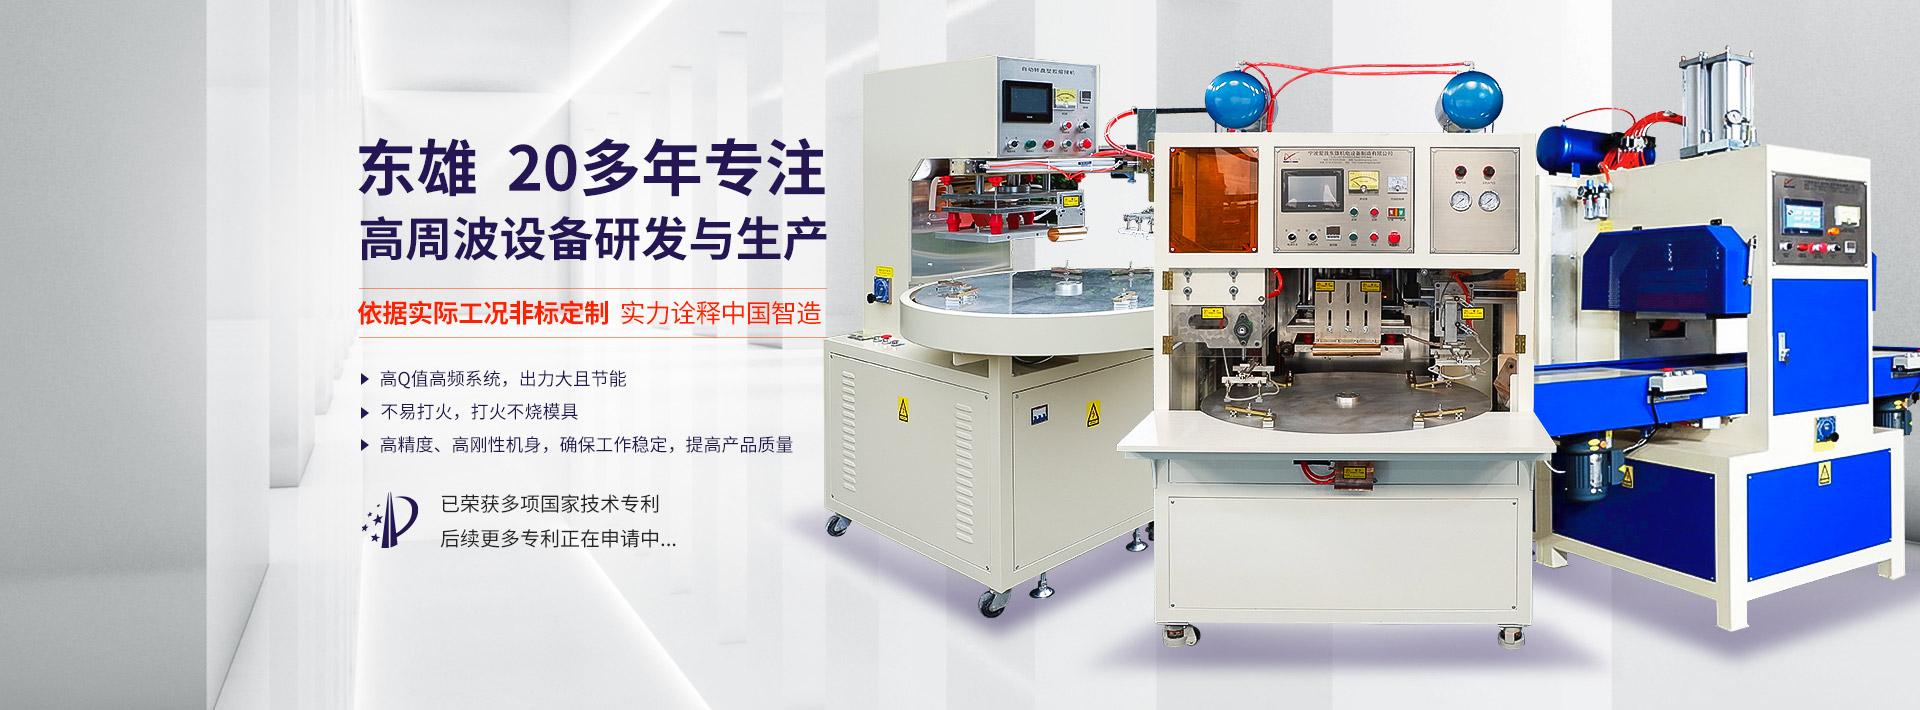 东雄 20多年专注高周波设备研发与生产